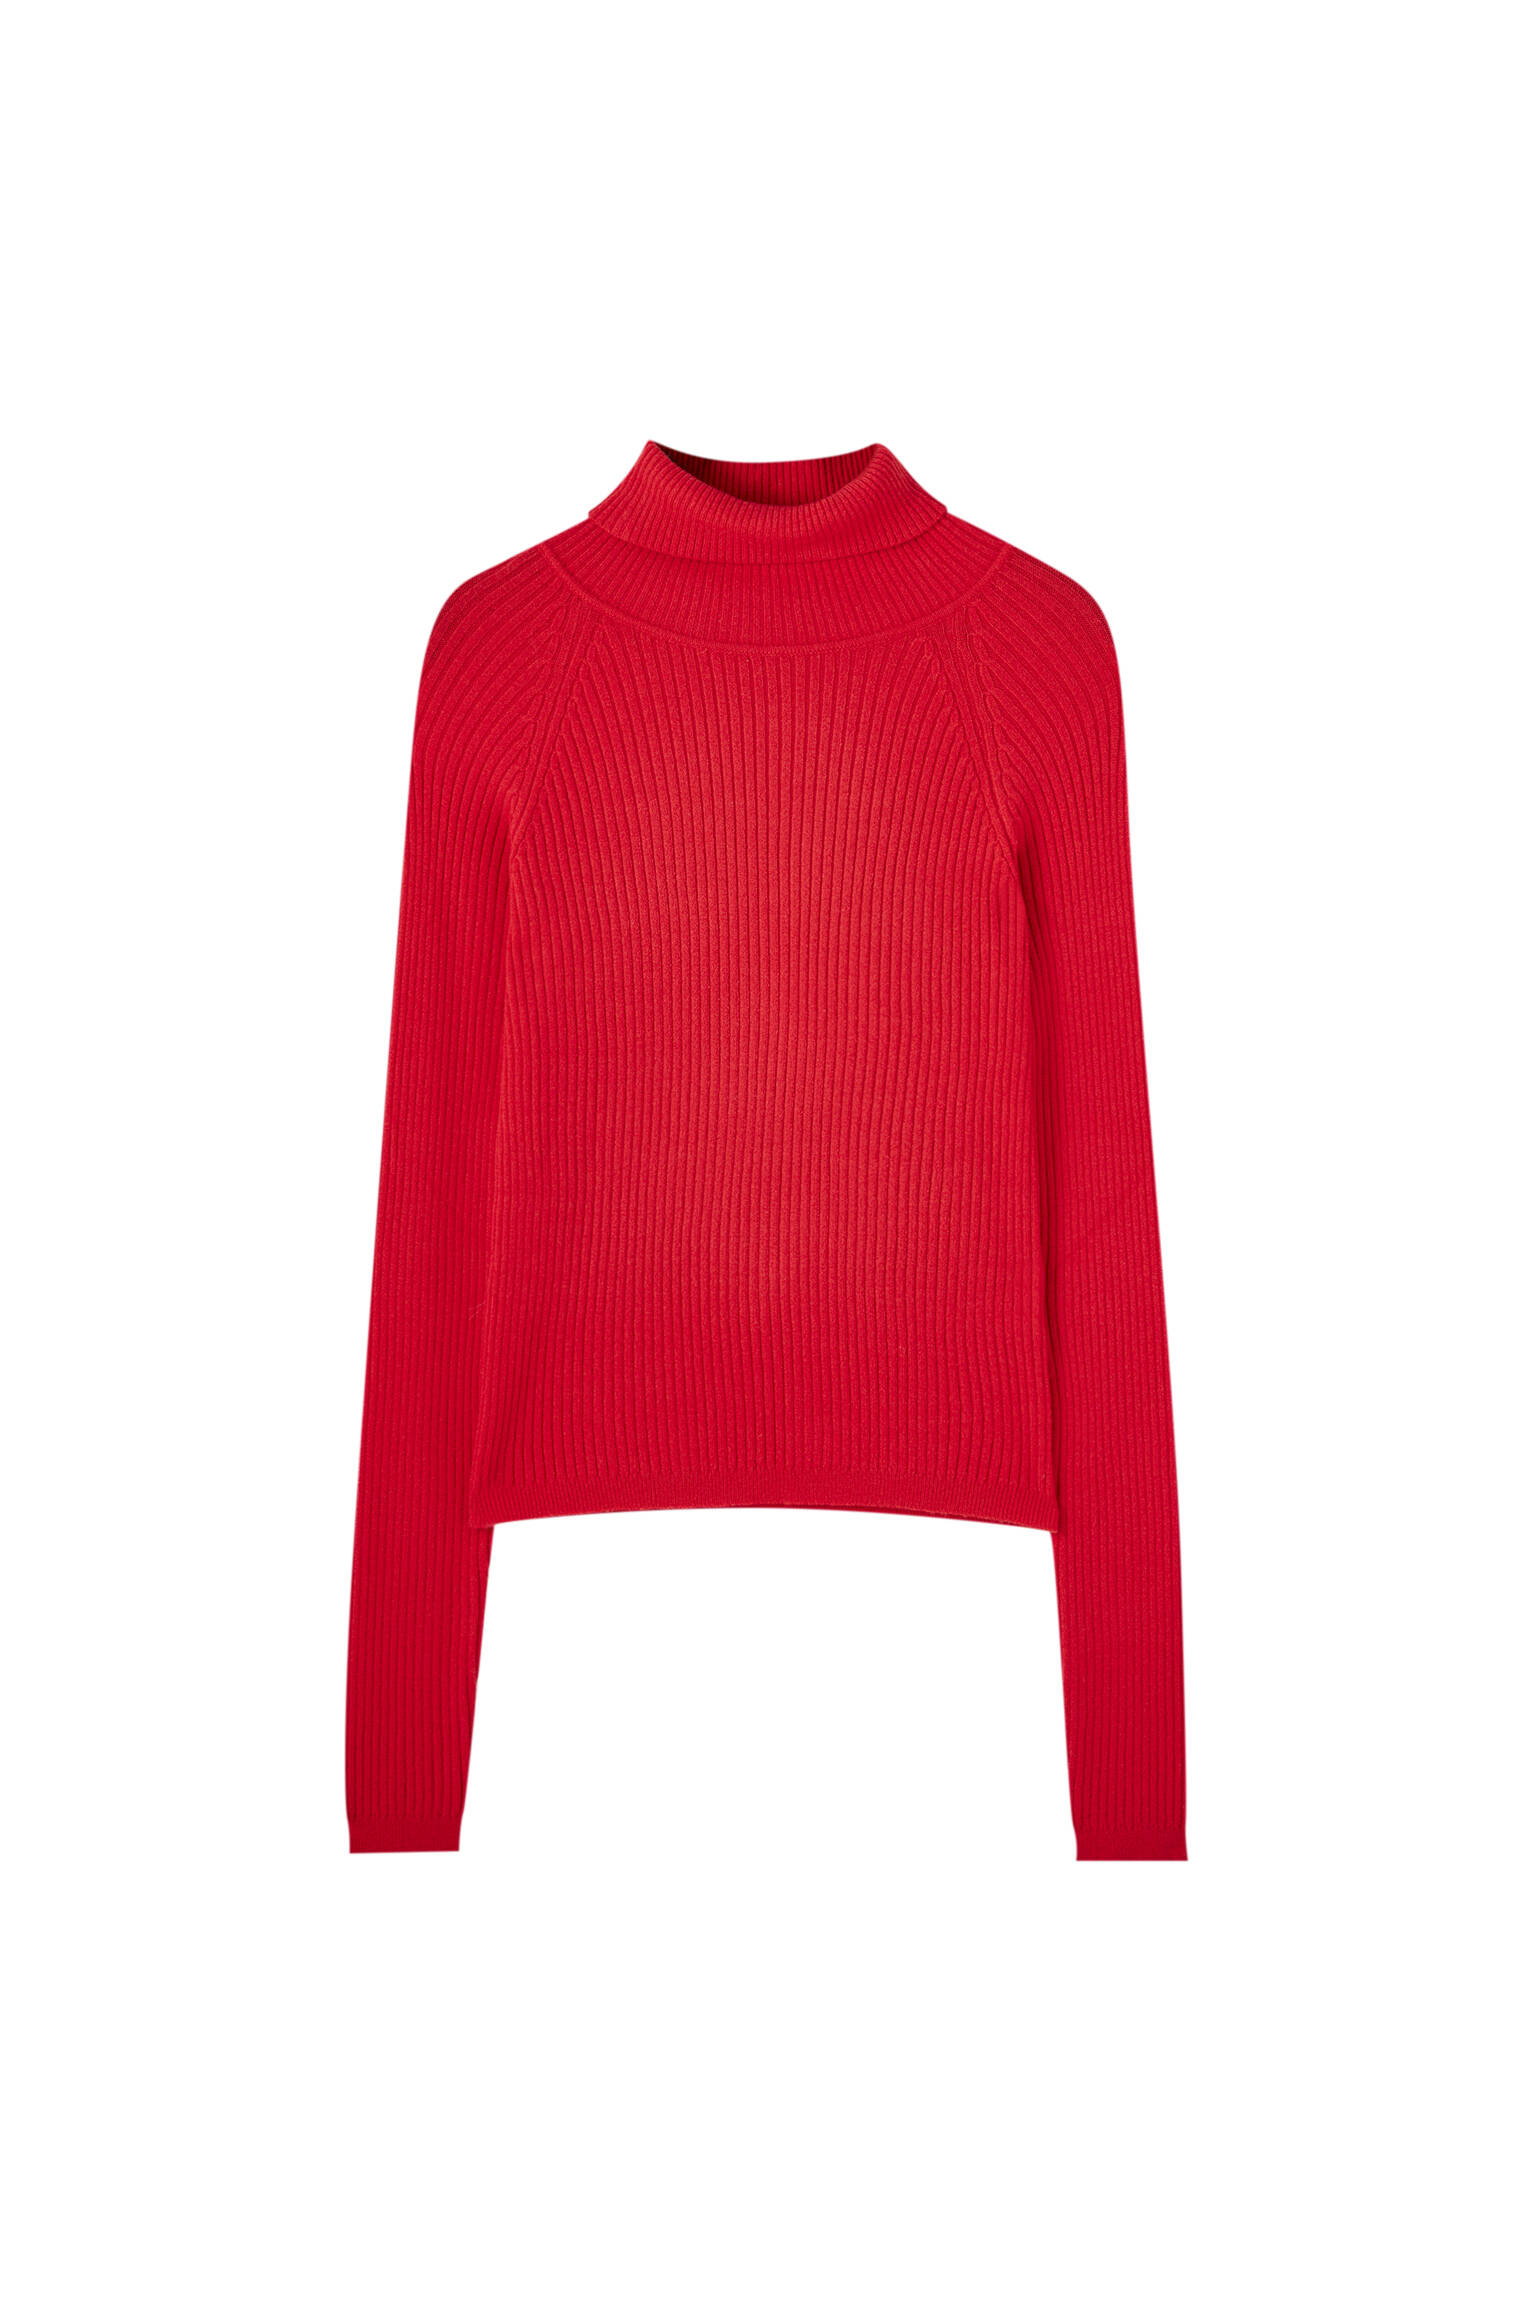 КРАСНЫЙ Базовый свитер в рубчик с высоким воротником Pull & Bear